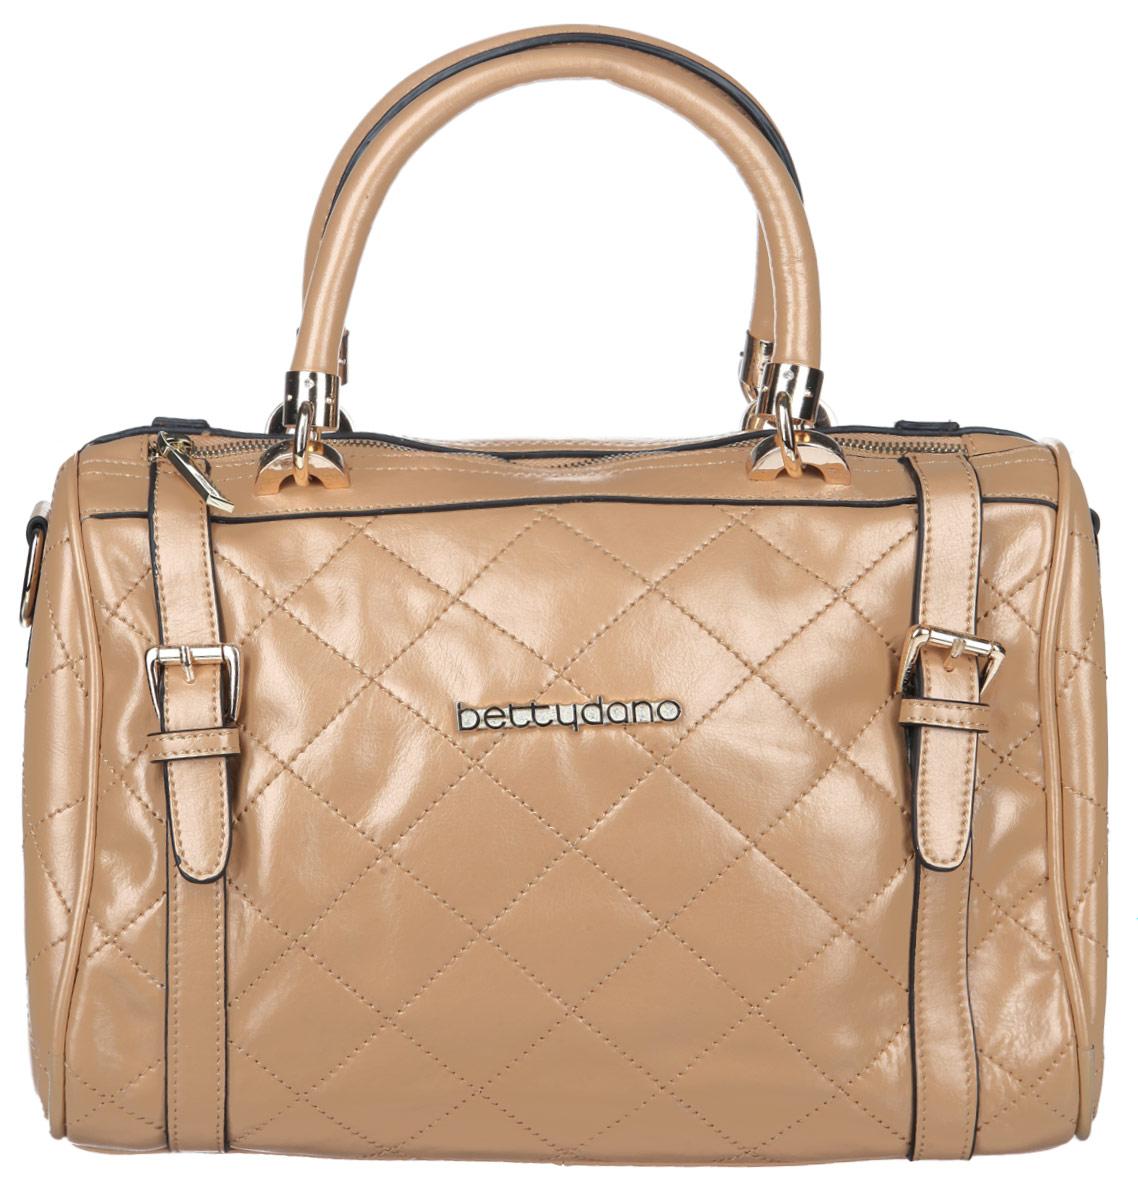 Сумка женская Bettydano, цвет: бежевый. L30021-W3L30021-W3Стильная сумка женская Bettydano выполнена из натуральной кожи, оформлена металлической фурнитурой с символикой бренда и декоративной строчкой. Изделие содержит одно отделение, которое закрывается на молнию. Внутри расположены: карман-средник на молнии, врезной карман на молнии и два накладных кармашка для мелочей. Снаружи, с тыльной стороны изделия, расположен врезной карман, застегивающийся на молнию. Сумка оснащена двумя практичными ручками для переноски и съемным плечевым ремнем регулируемой длины. Дно сумки оснащено металлическими ножками, которые помогут защитить изделие от преждевременных повреждений. Оригинальный аксессуар позволит вам завершить образ и быть неотразимой.